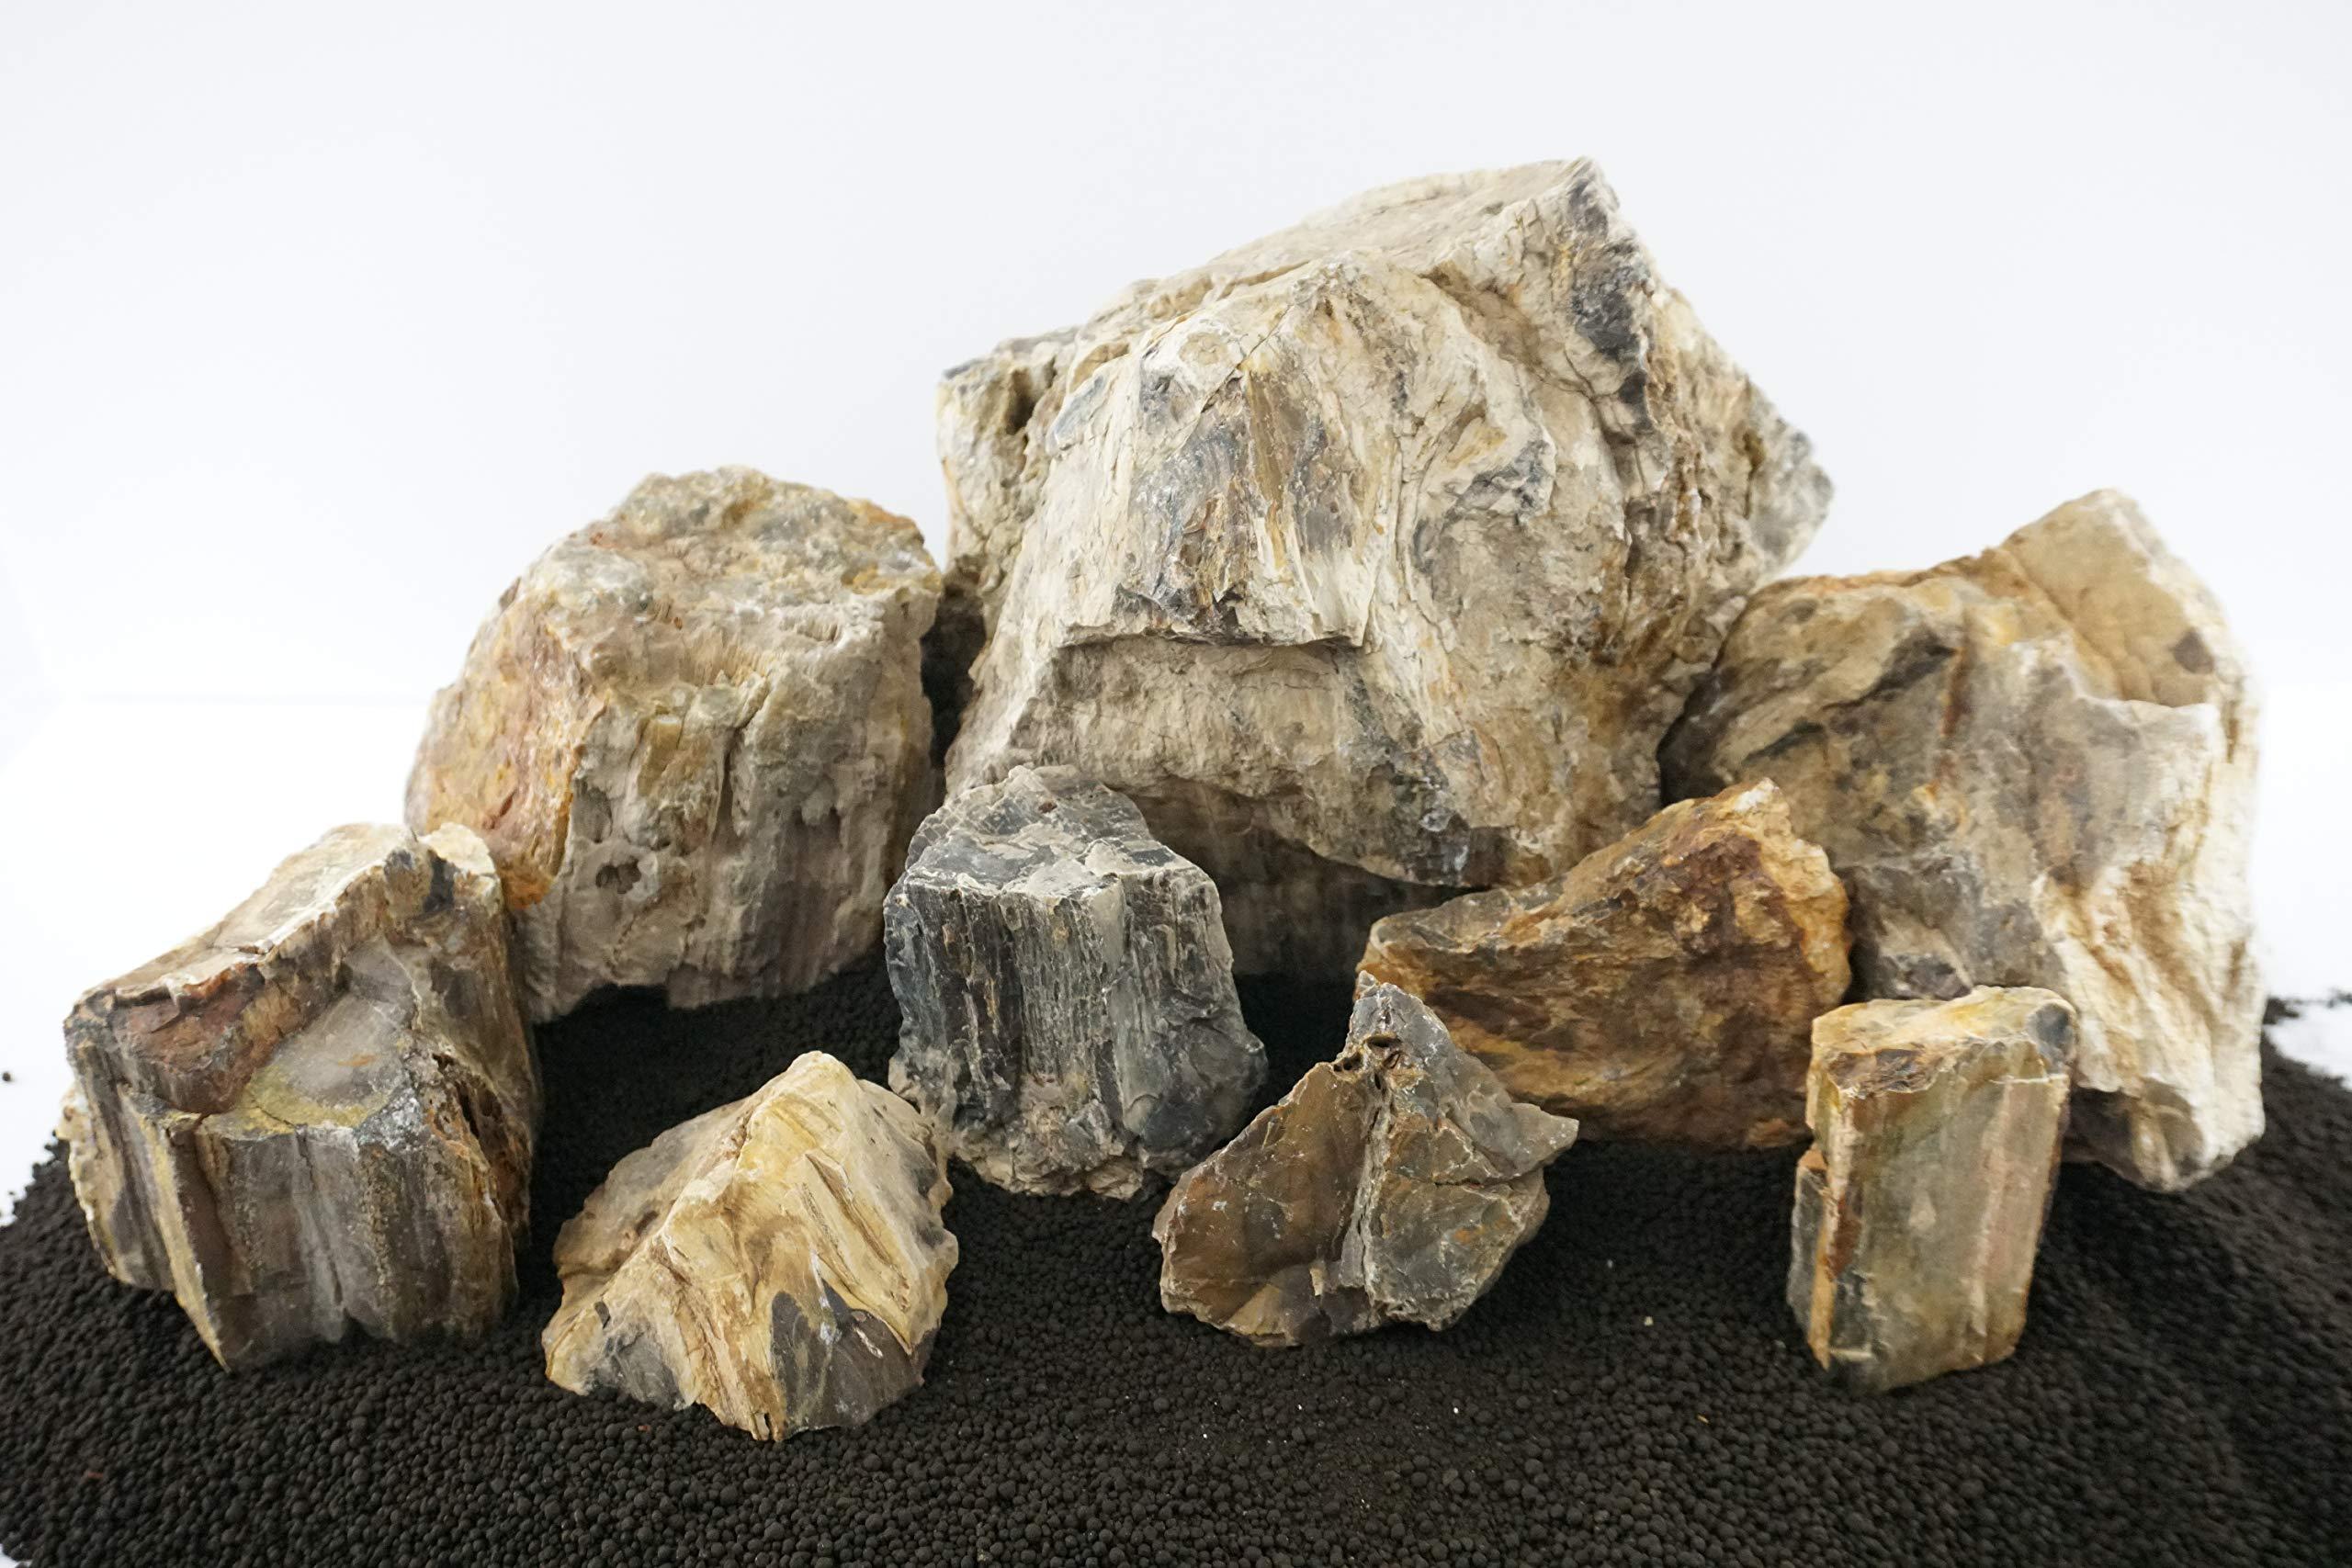 Lifegard Aquatics 25G-Canyon Canyon Petrified Stone 25G Rock Kit by Lifegard Aquatics